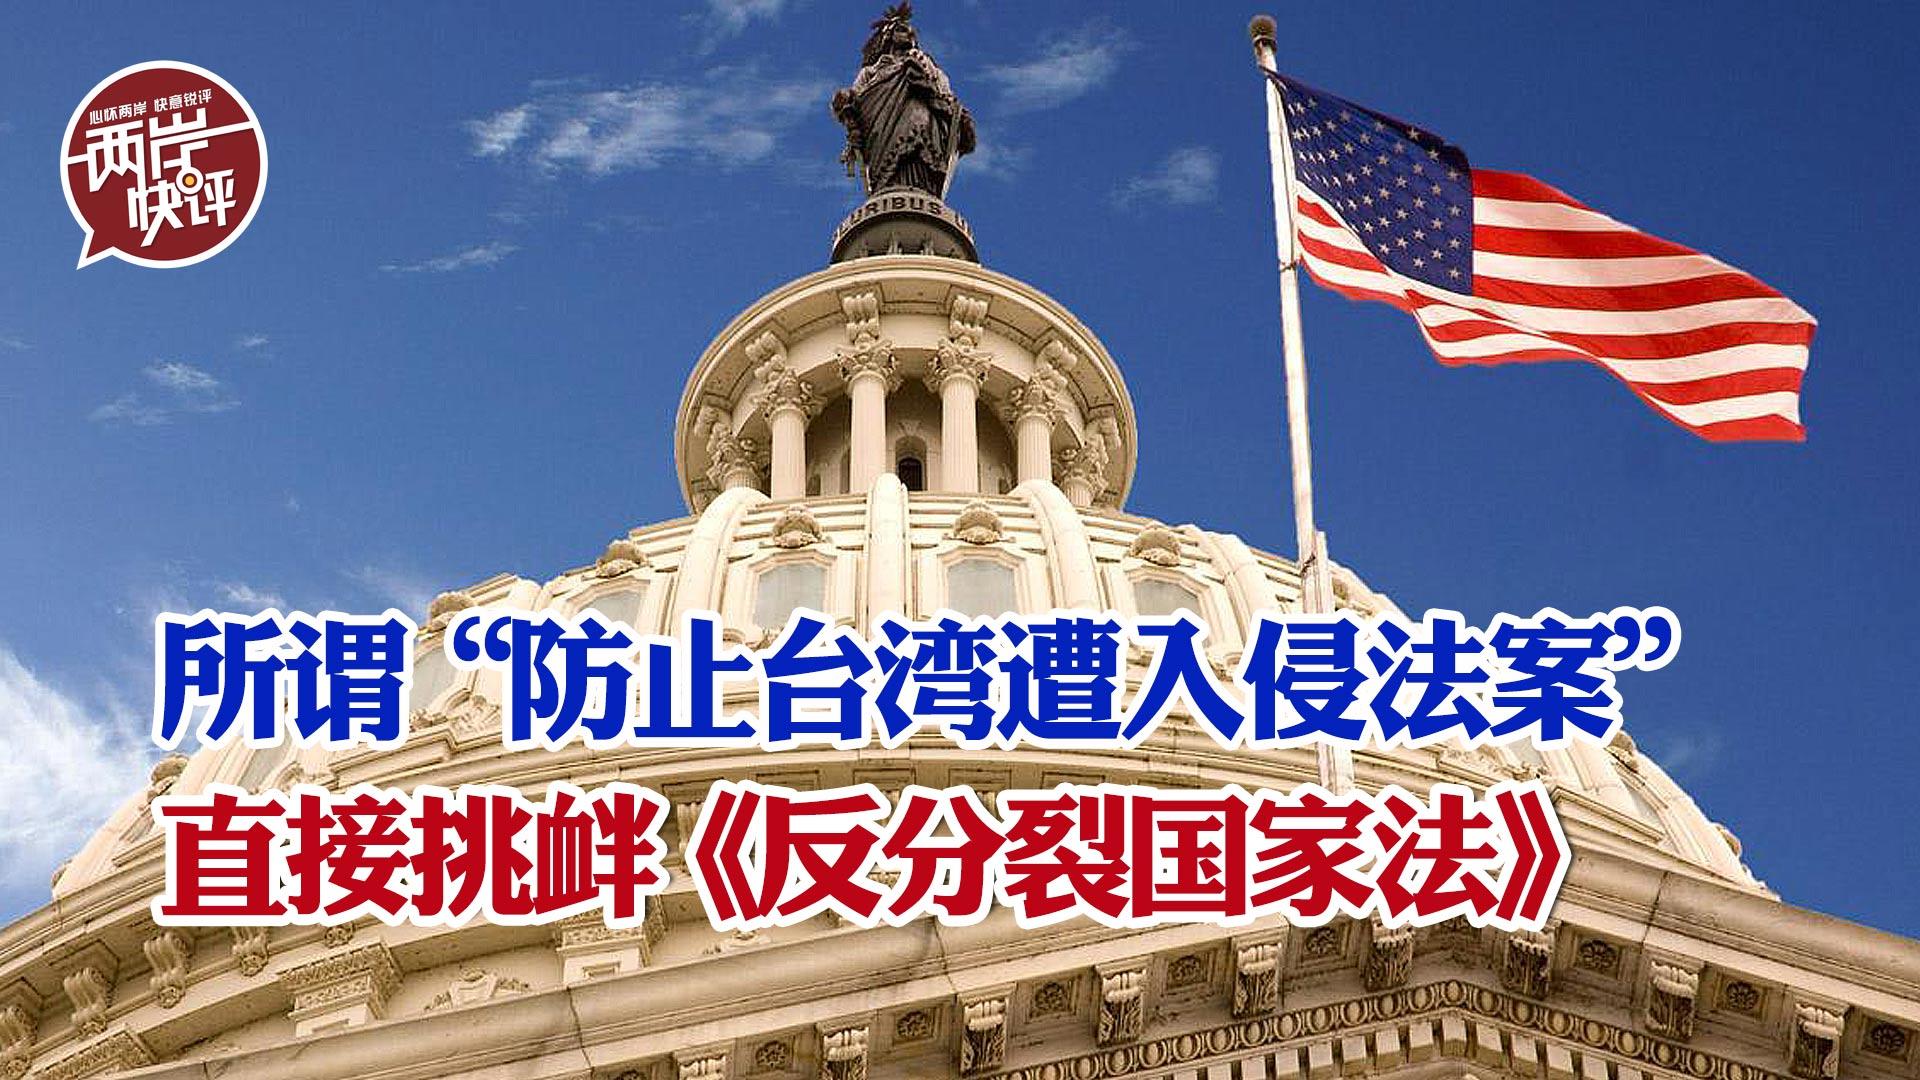 """美提所谓""""防止台湾遭入侵法案"""",妄图""""以台制华""""极其危险图片"""